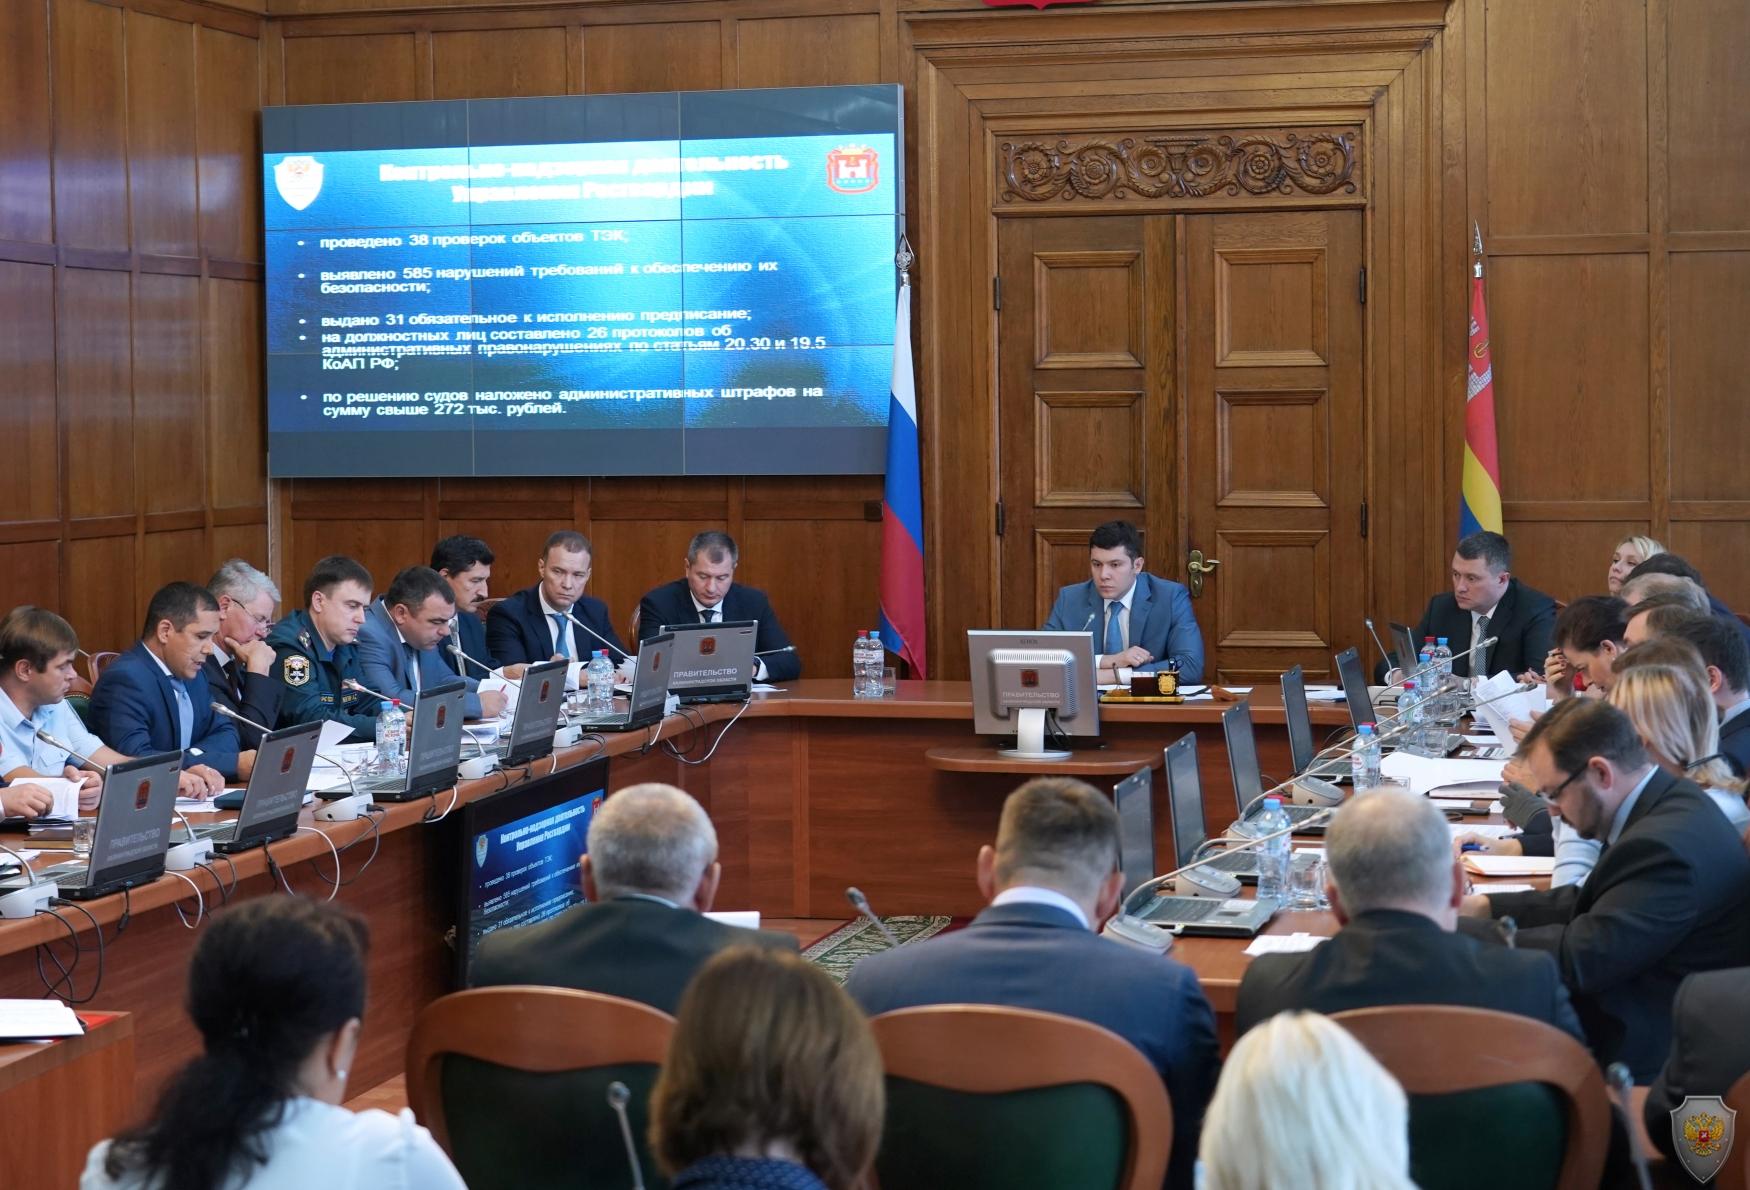 В правительстве обсудили антитеррористическую безопасность объектов топливно-энергетического комплекса